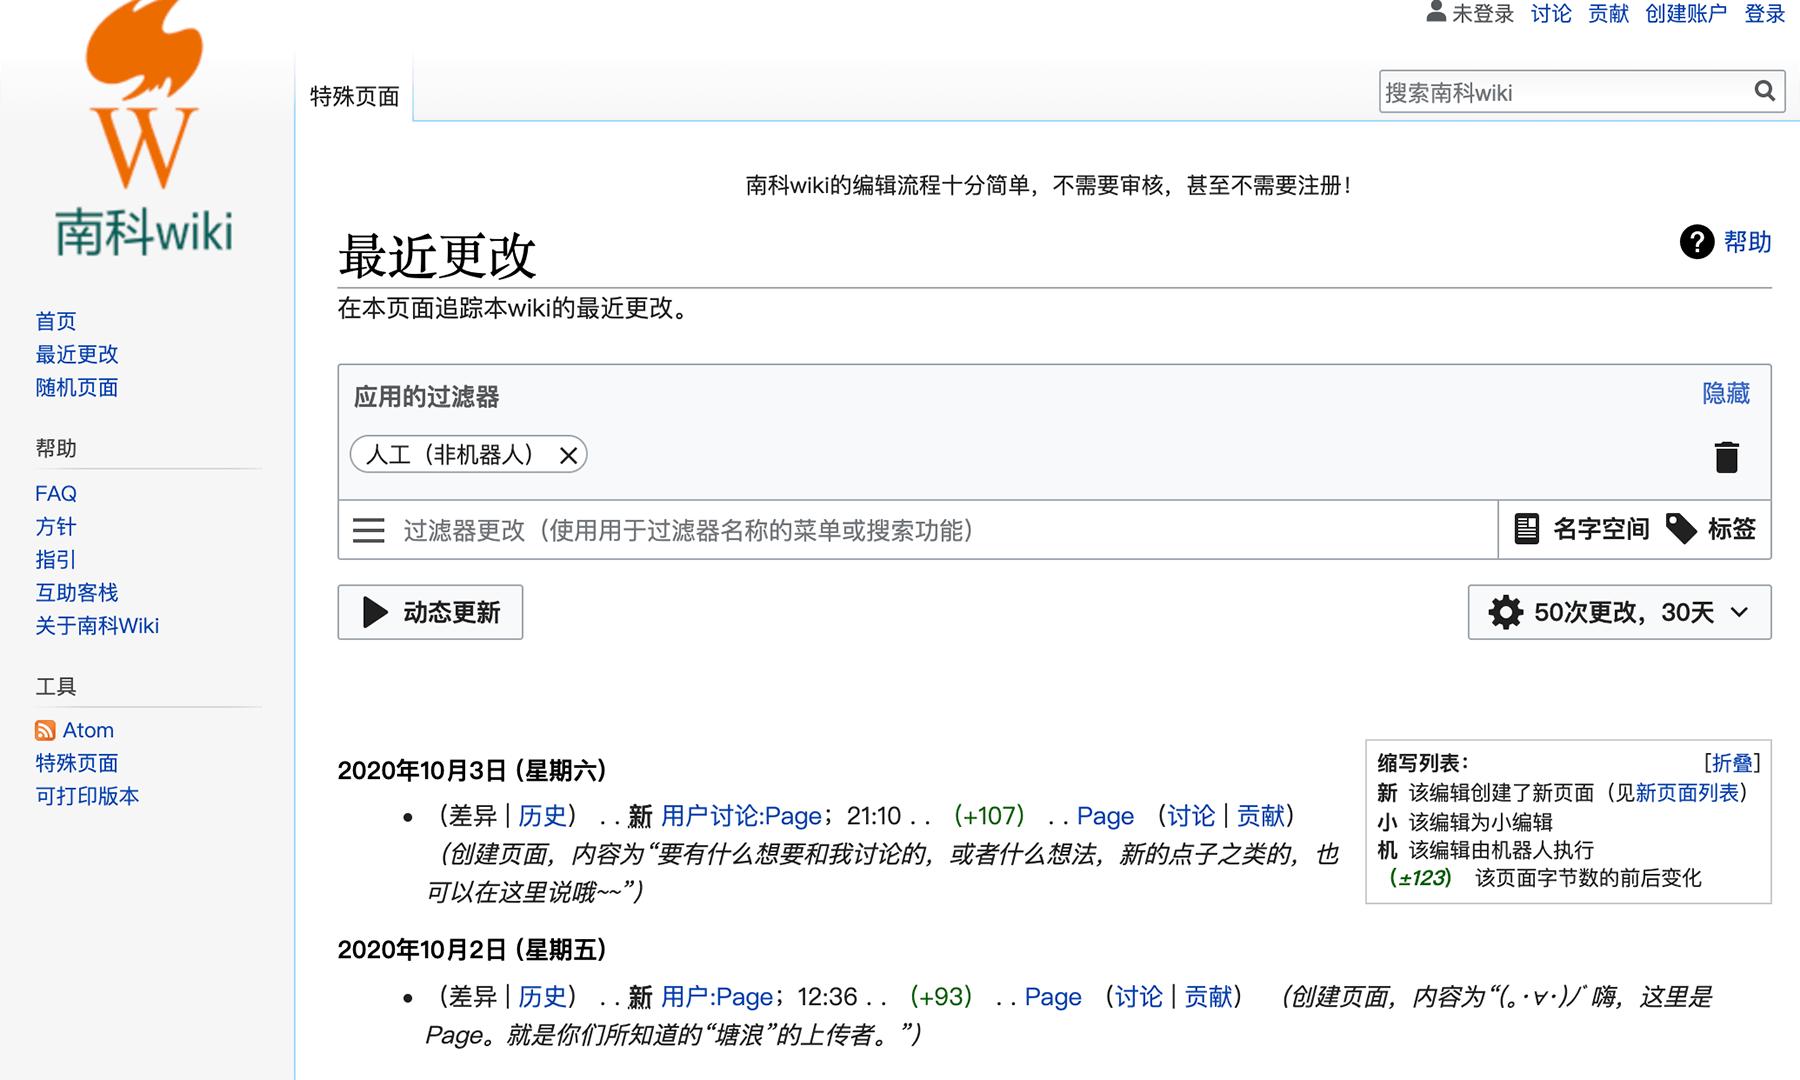 「最近更改」页面/南科Wiki